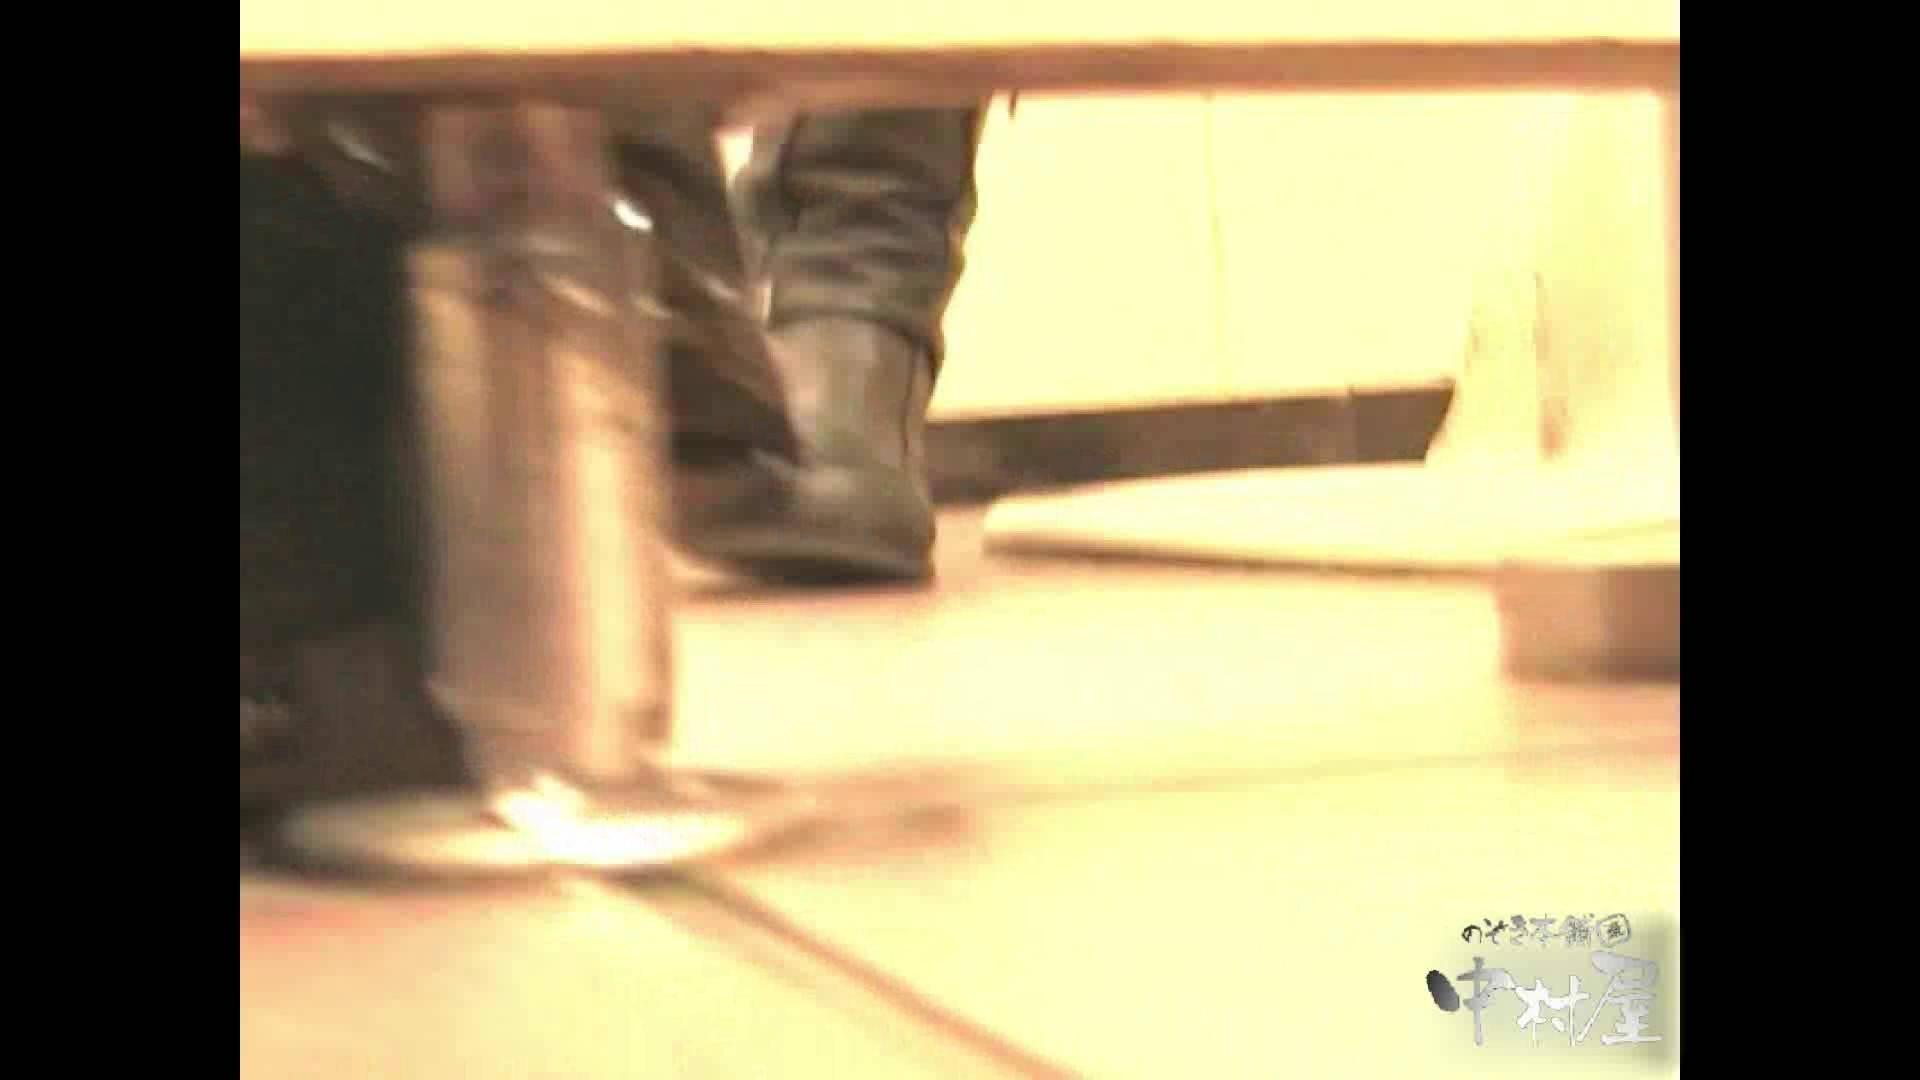 岩手県在住盗撮師盗撮記録vol.01 肛門丸見え セックス無修正動画無料 98pic 6